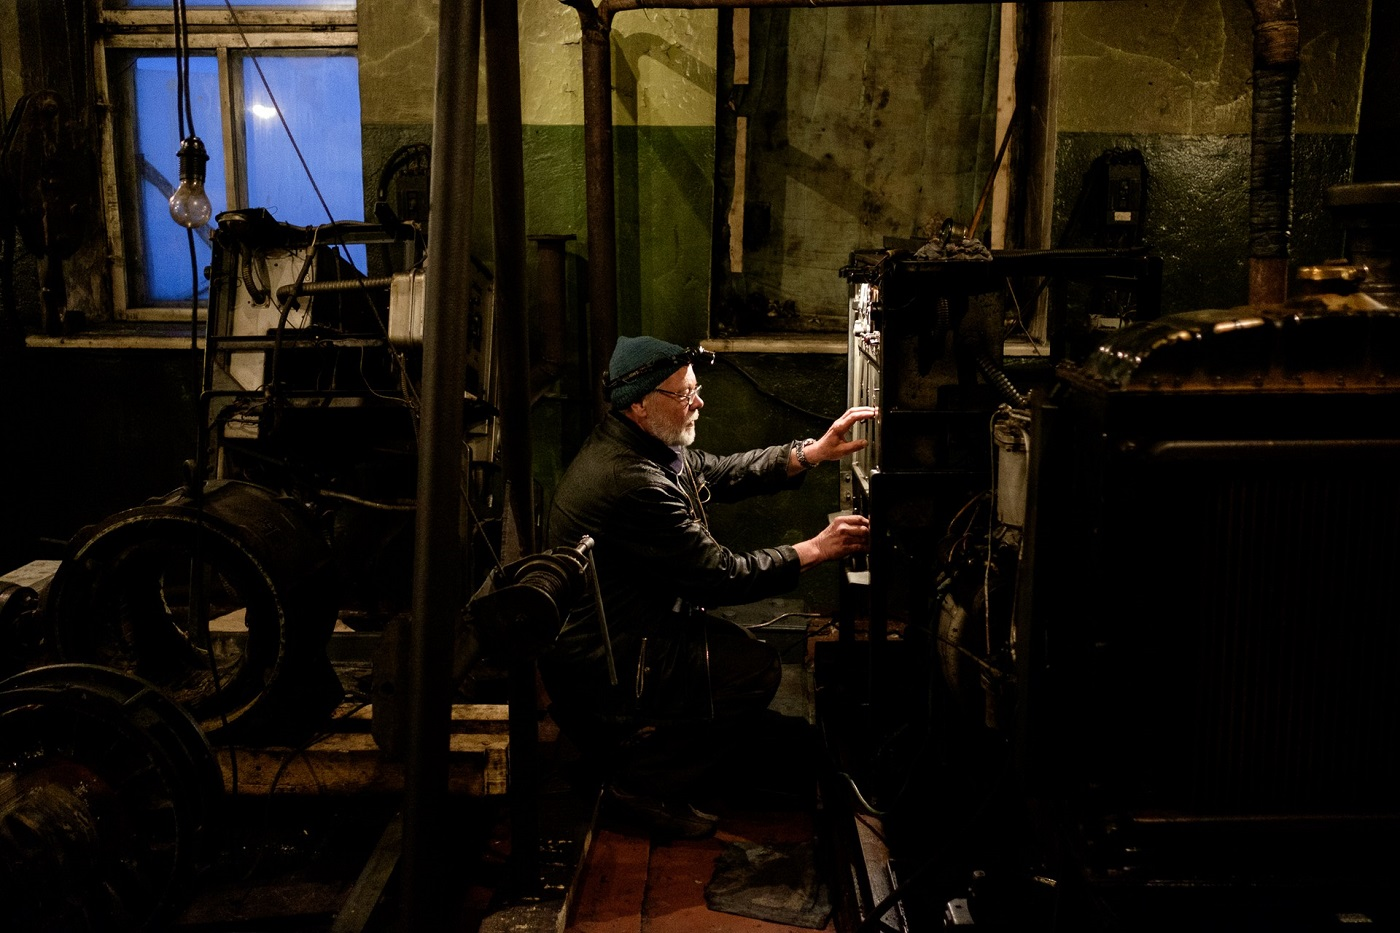 Der Leuchtturmwärter prüft den Dieselgenerator - der speist das Leuchtfeuer